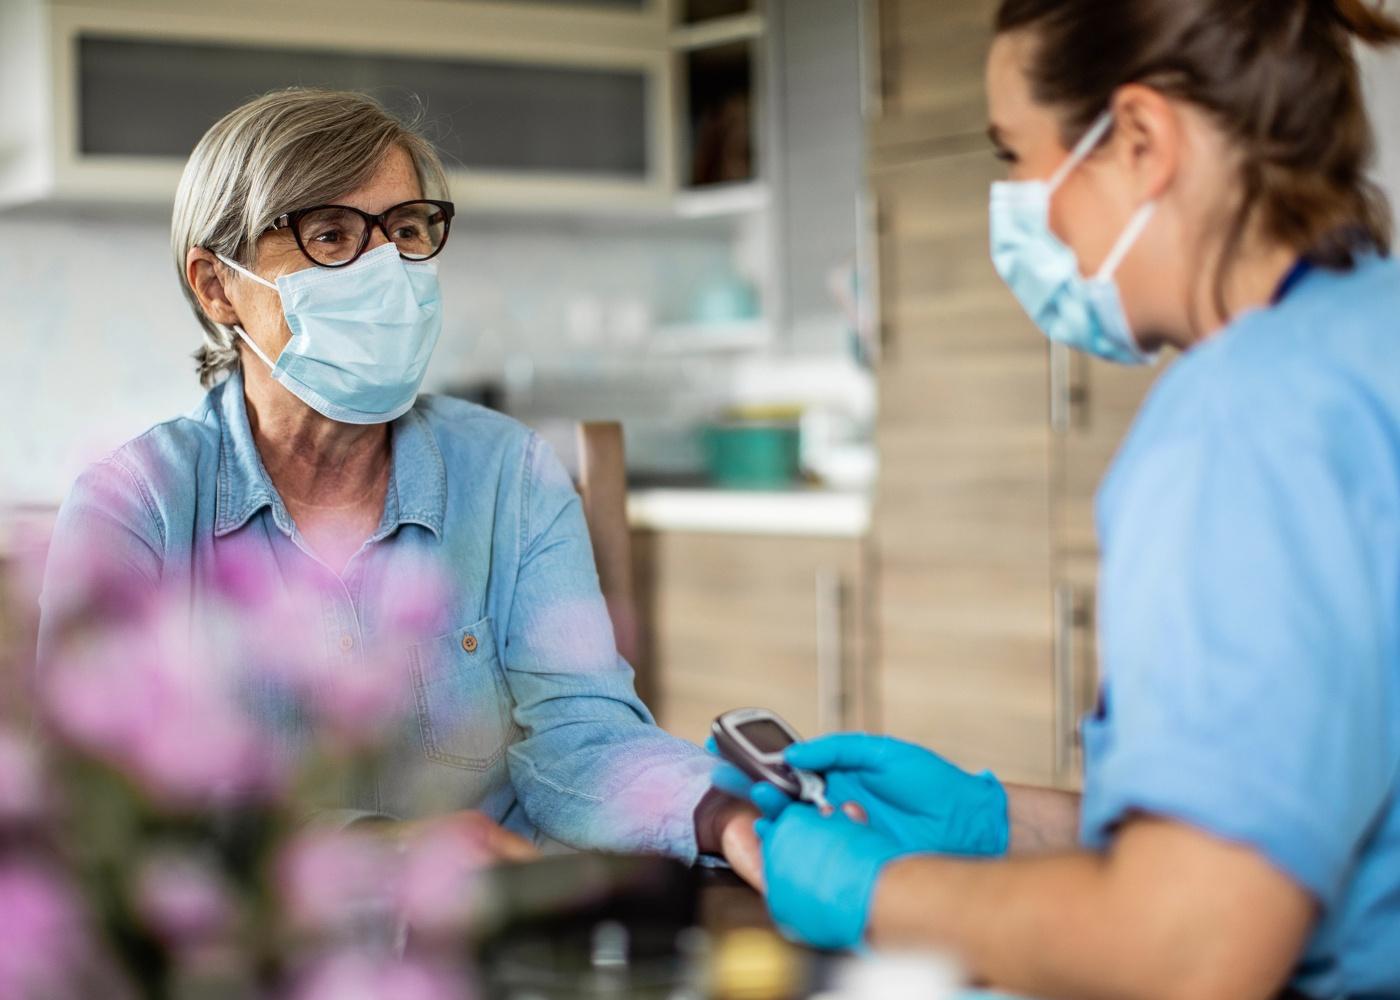 medica a cuidar de paciente no domicílio